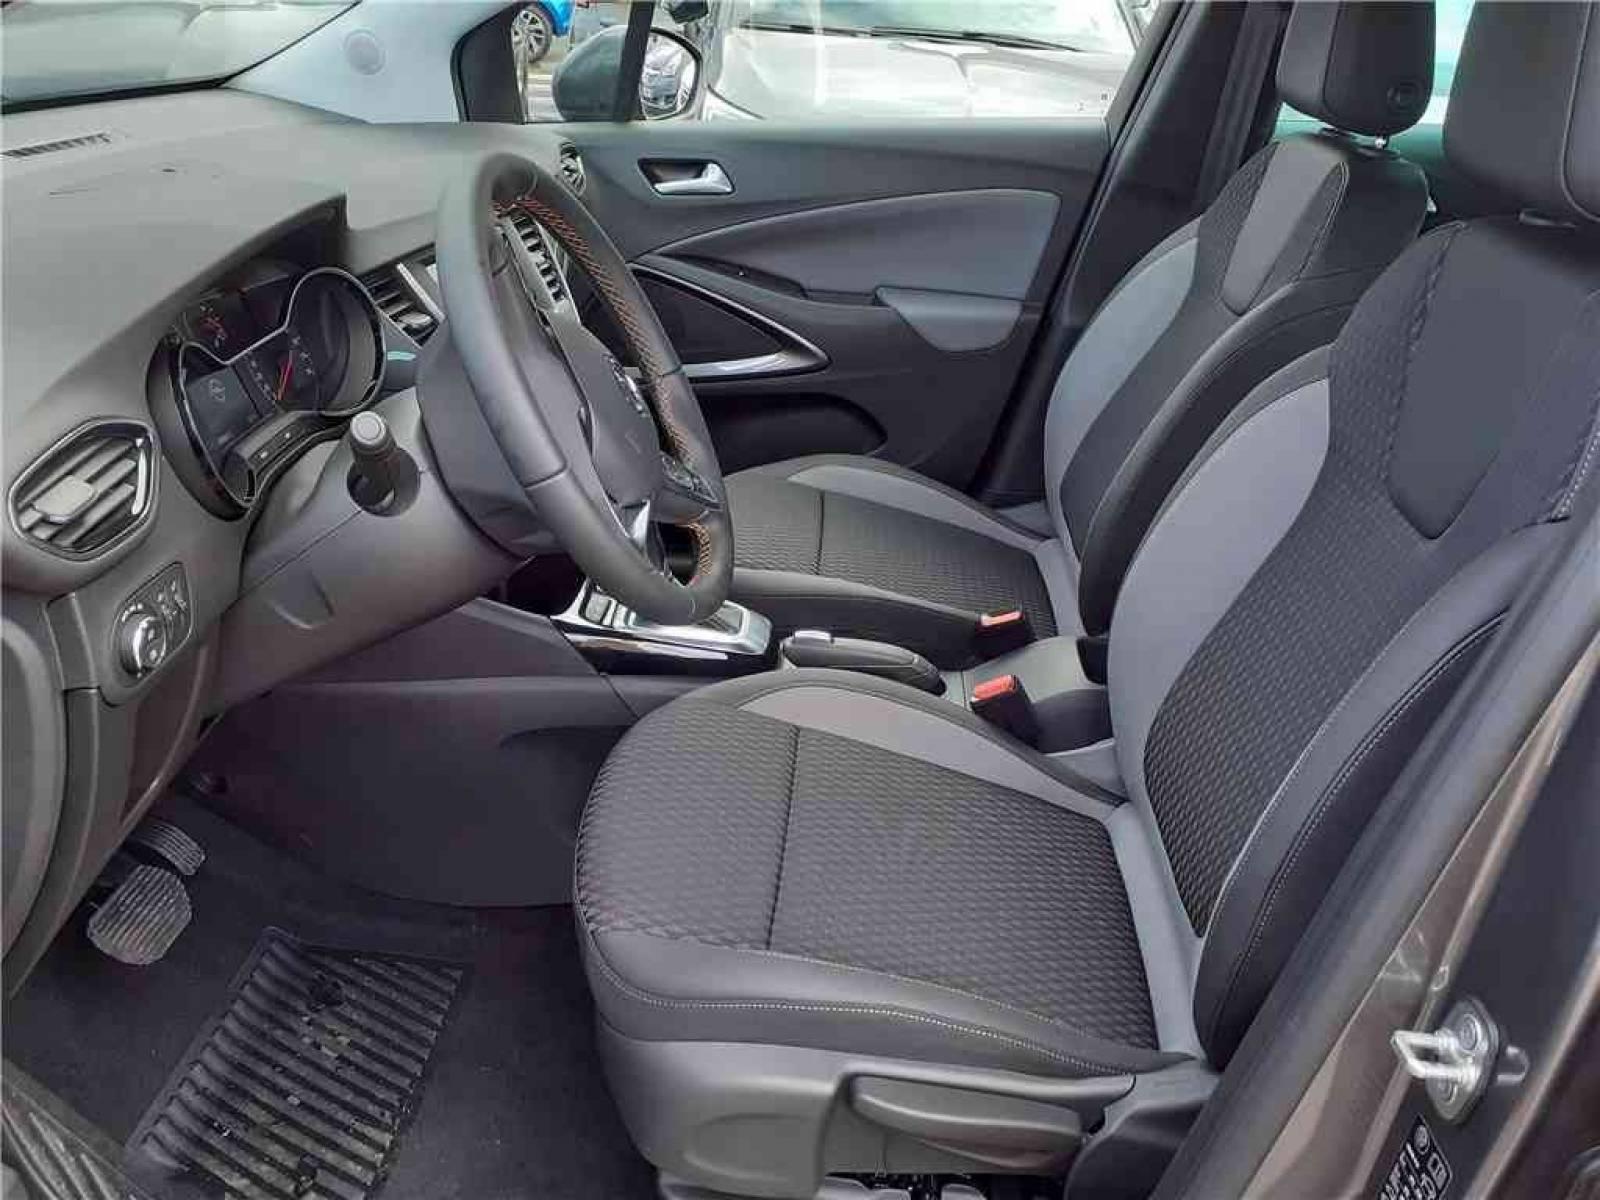 OPEL Crossland X 1.5 D 120 ch BVA6 - véhicule d'occasion - Groupe Guillet - Opel Magicauto - Montceau-les-Mines - 71300 - Montceau-les-Mines - 9